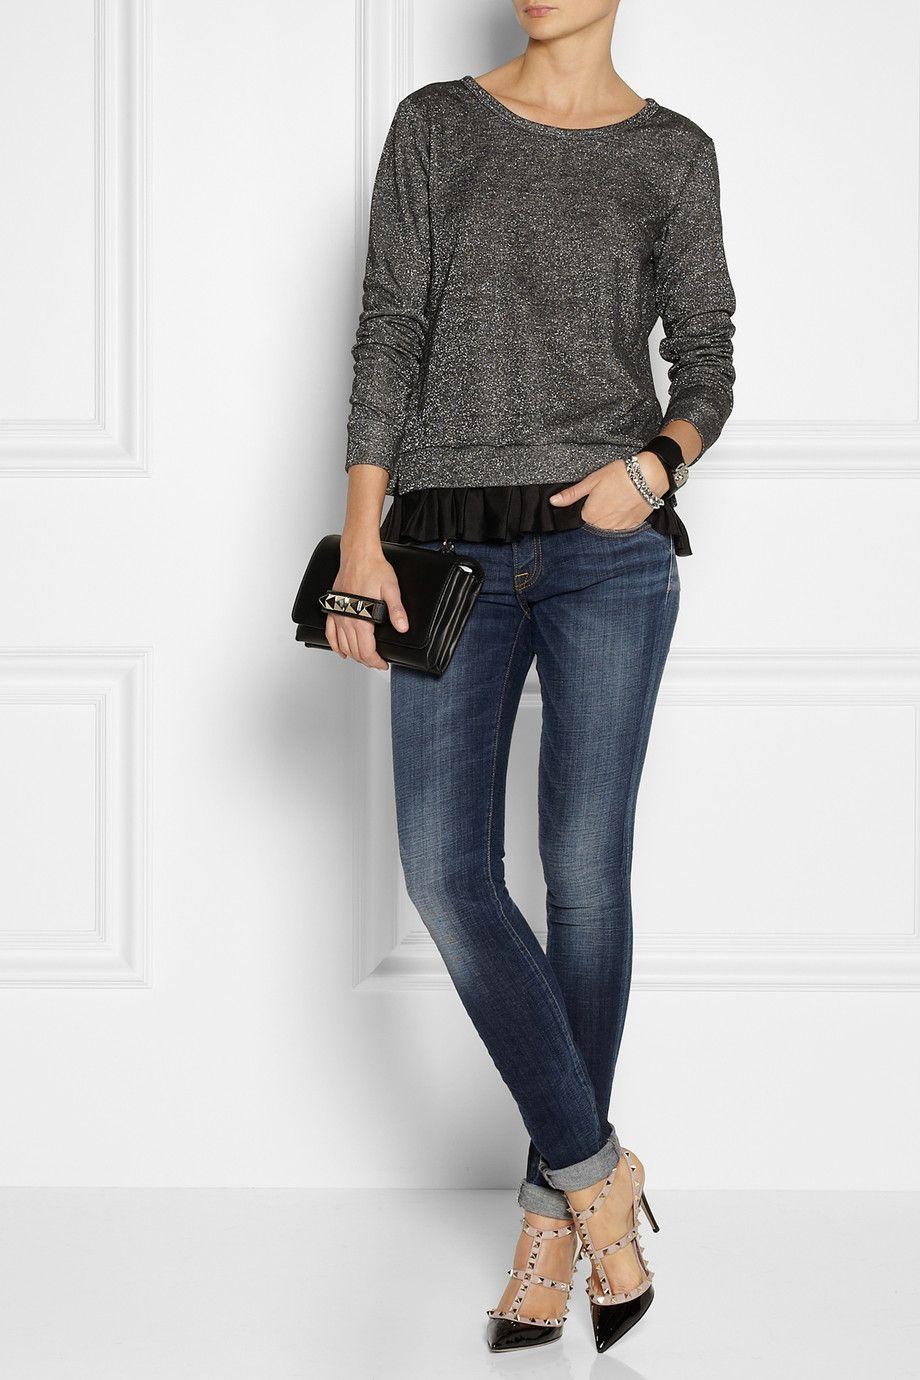 Clu silkpaneled metallic french terry sweatshirt net